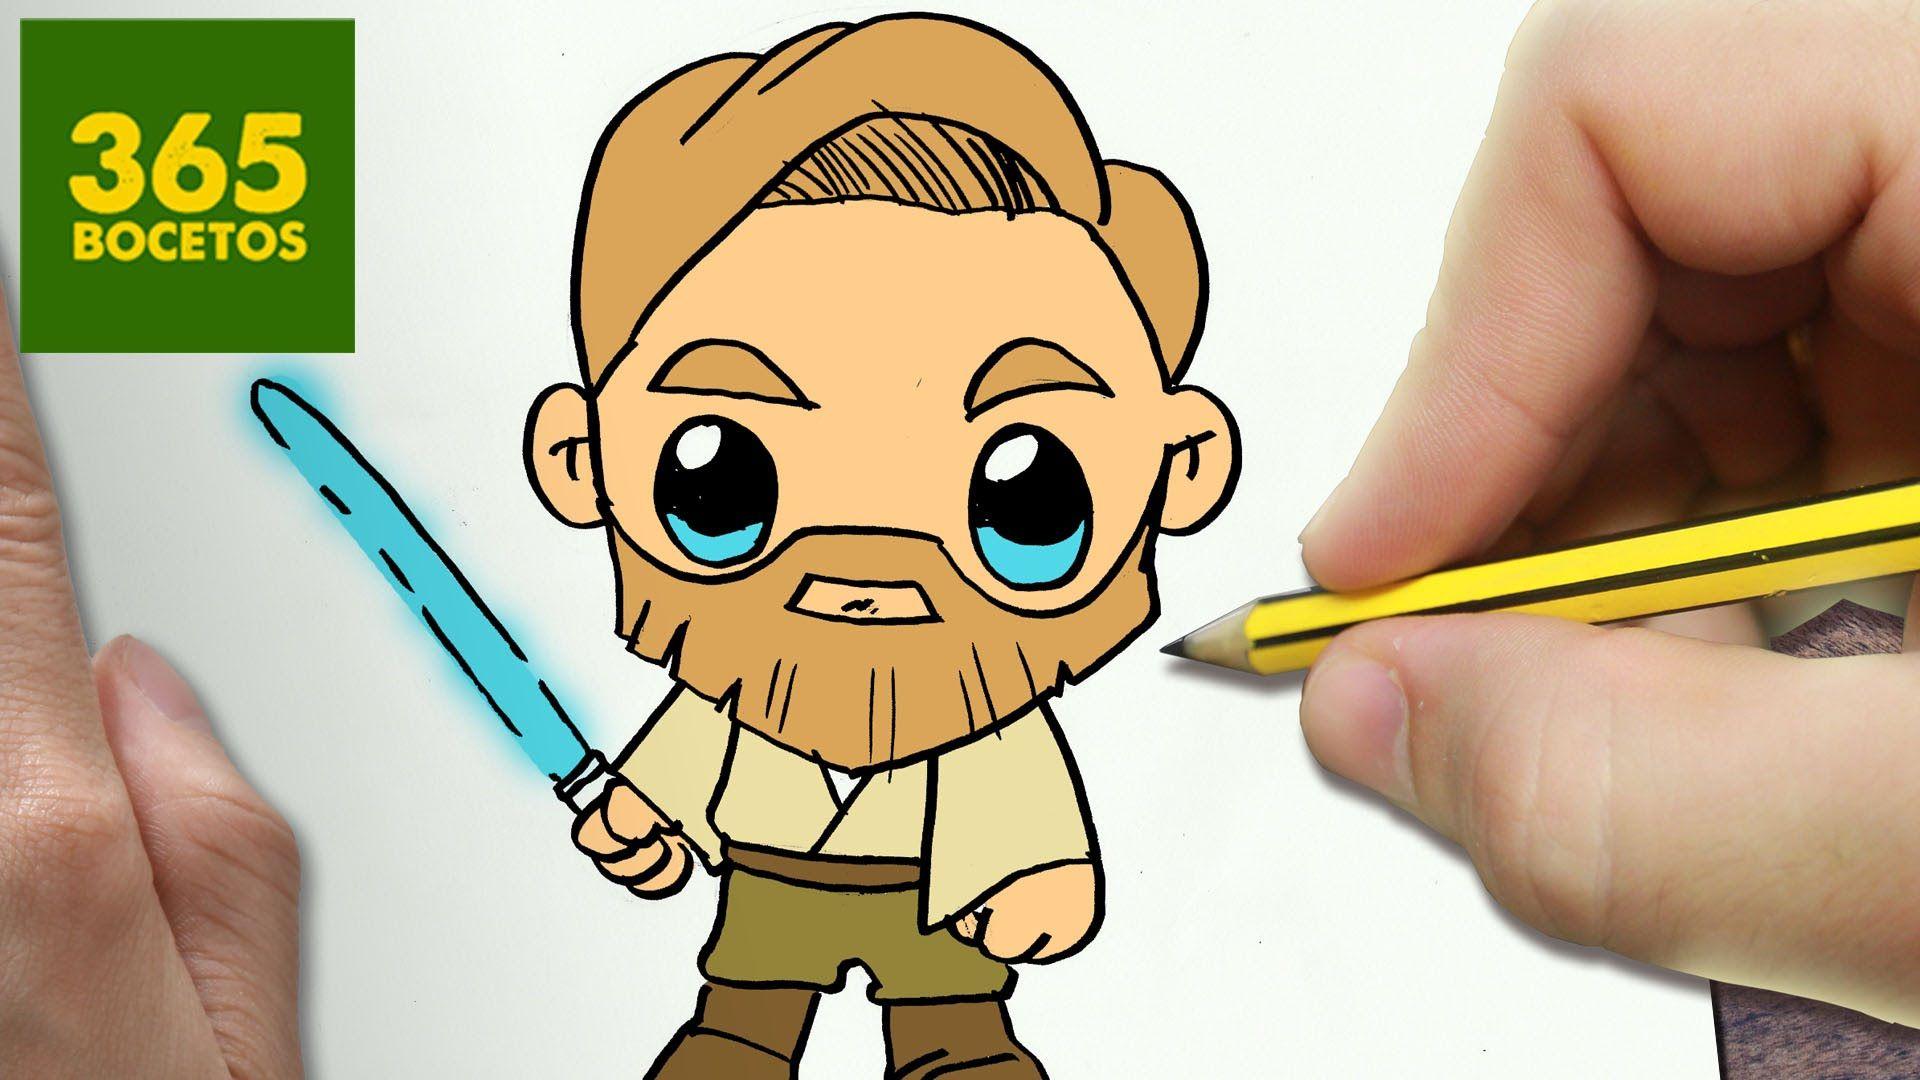 Como Dibujar Obi Wan Kenobi Kawaii Paso A Paso Dibujos Kawaii